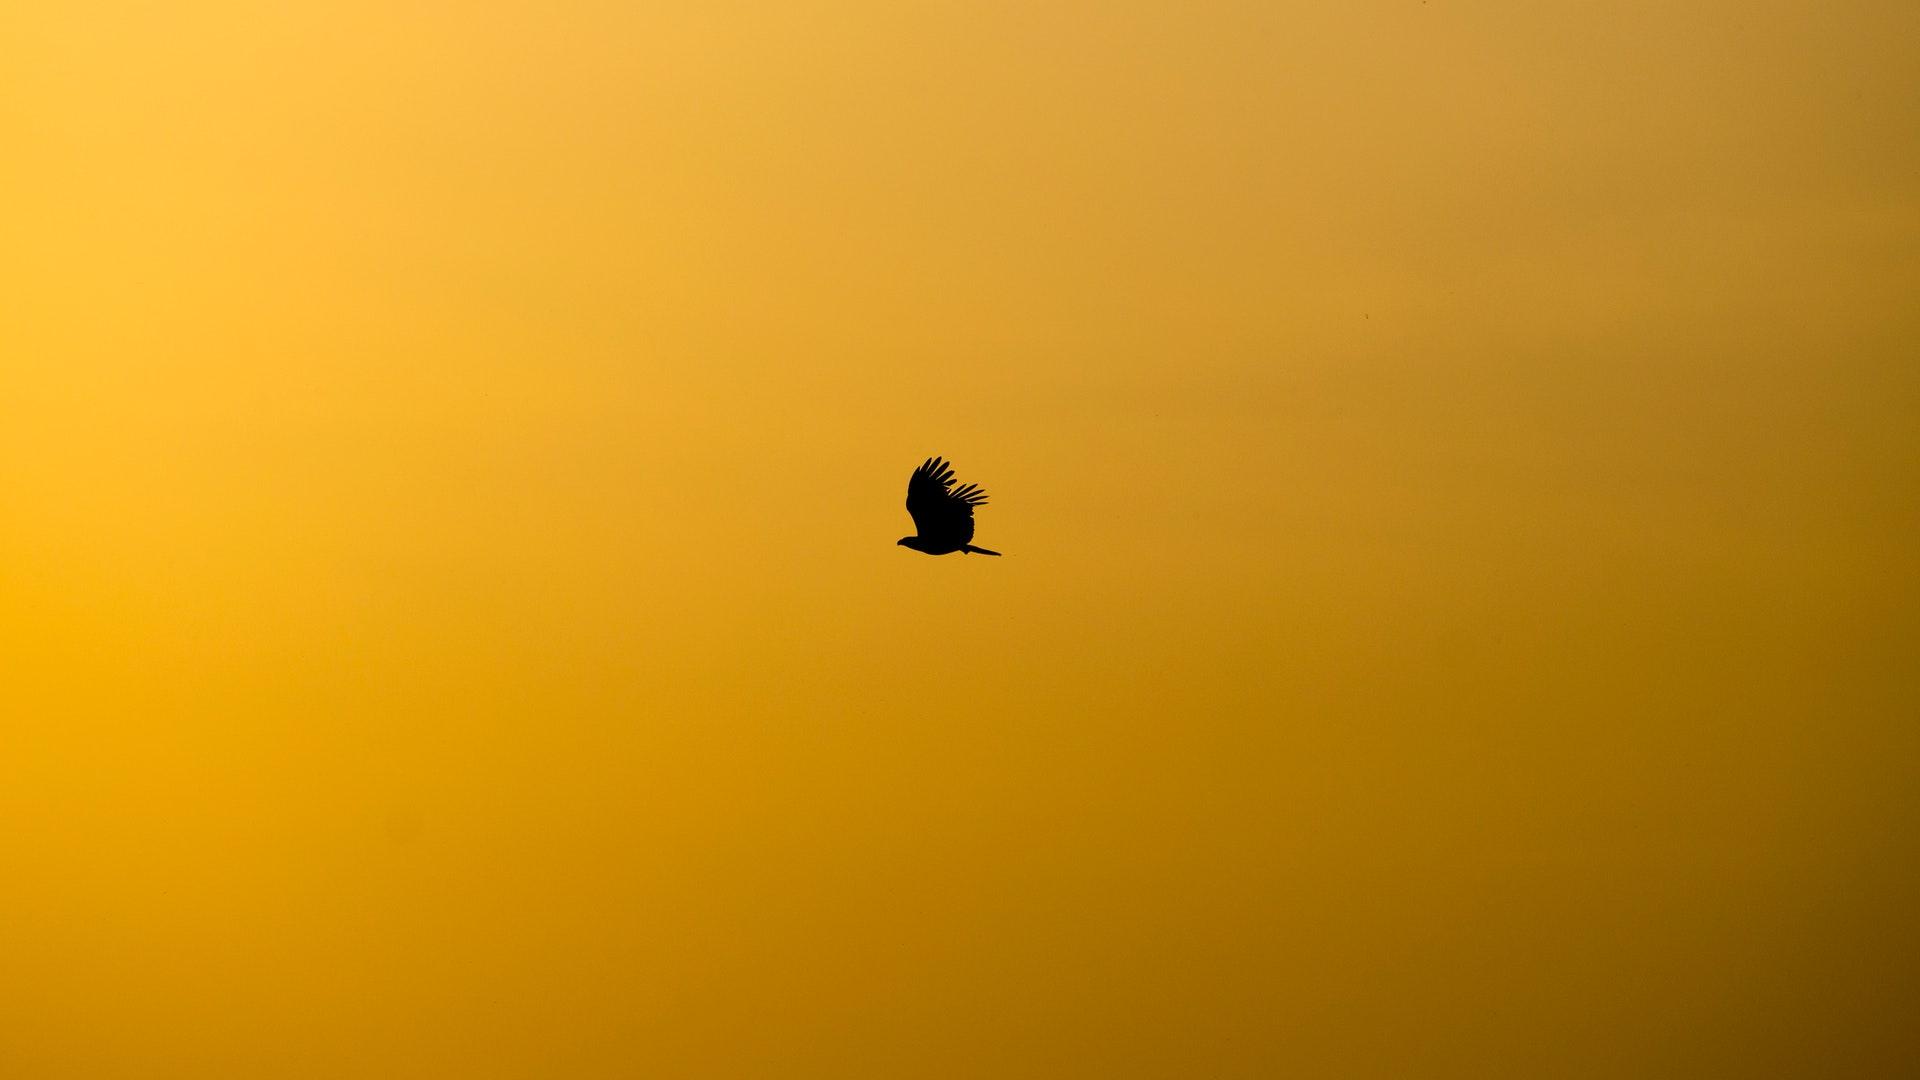 飛鷹再展翅